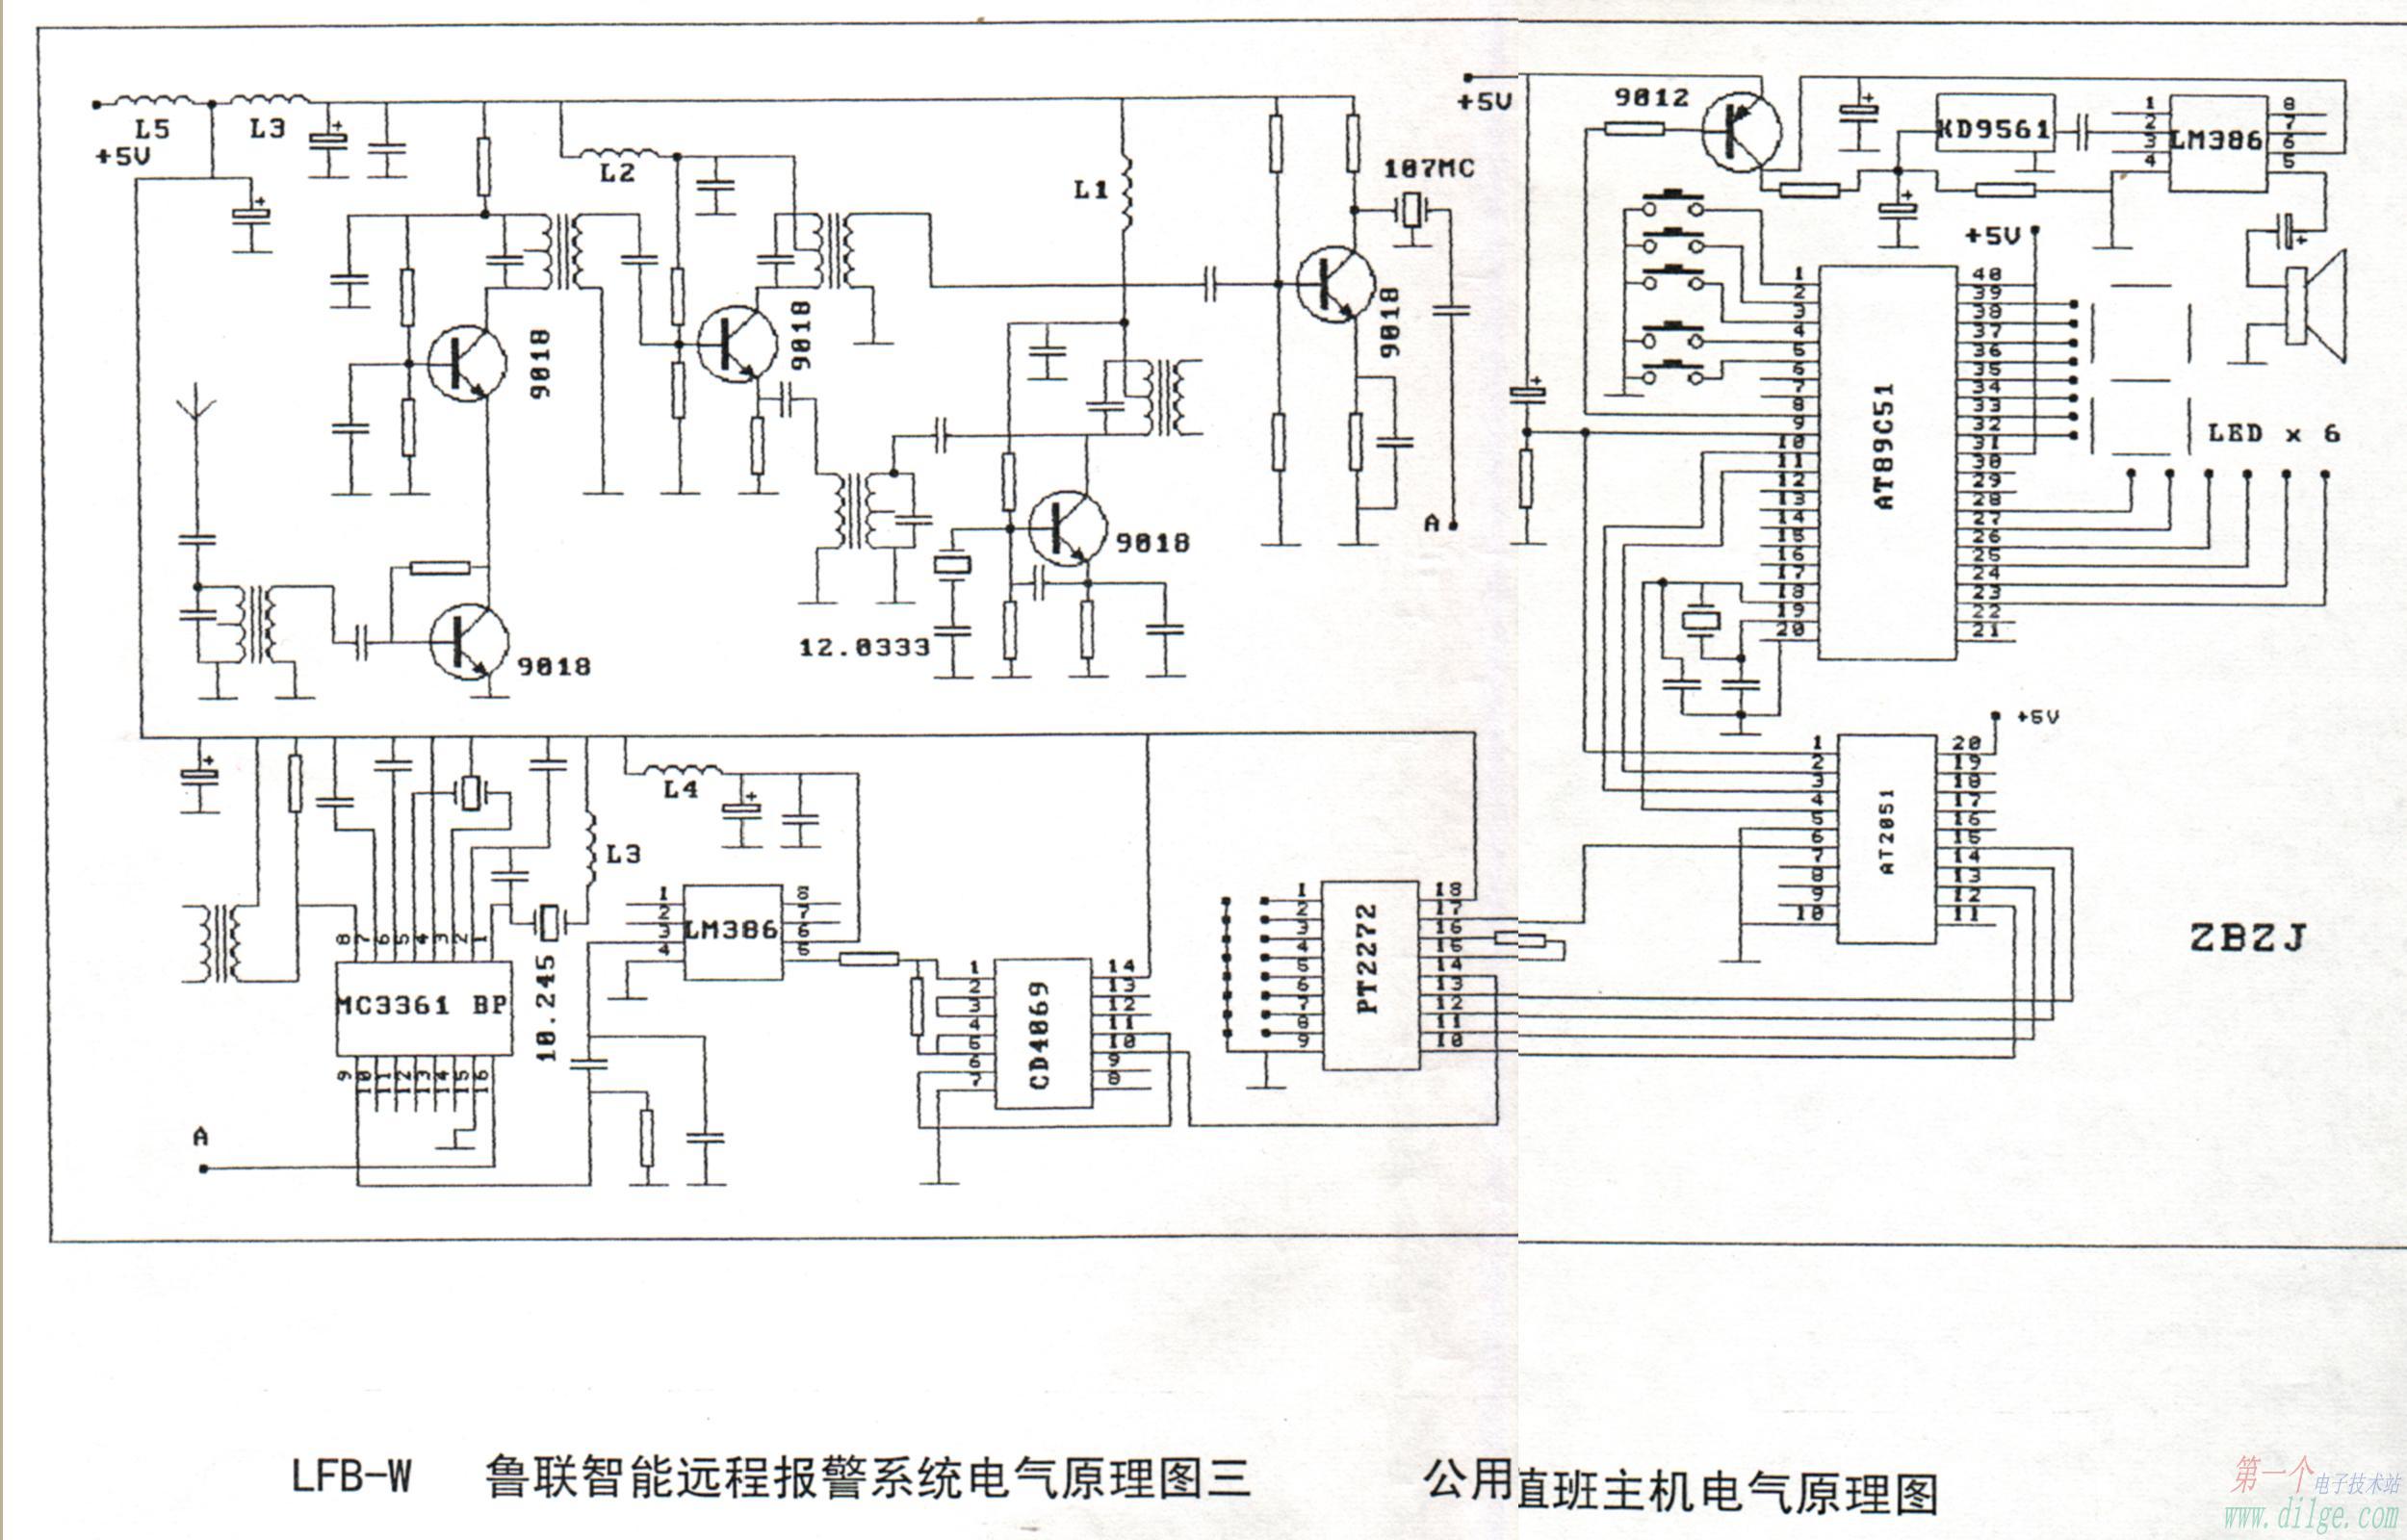 鲁联智能远程报警系统电器原理图